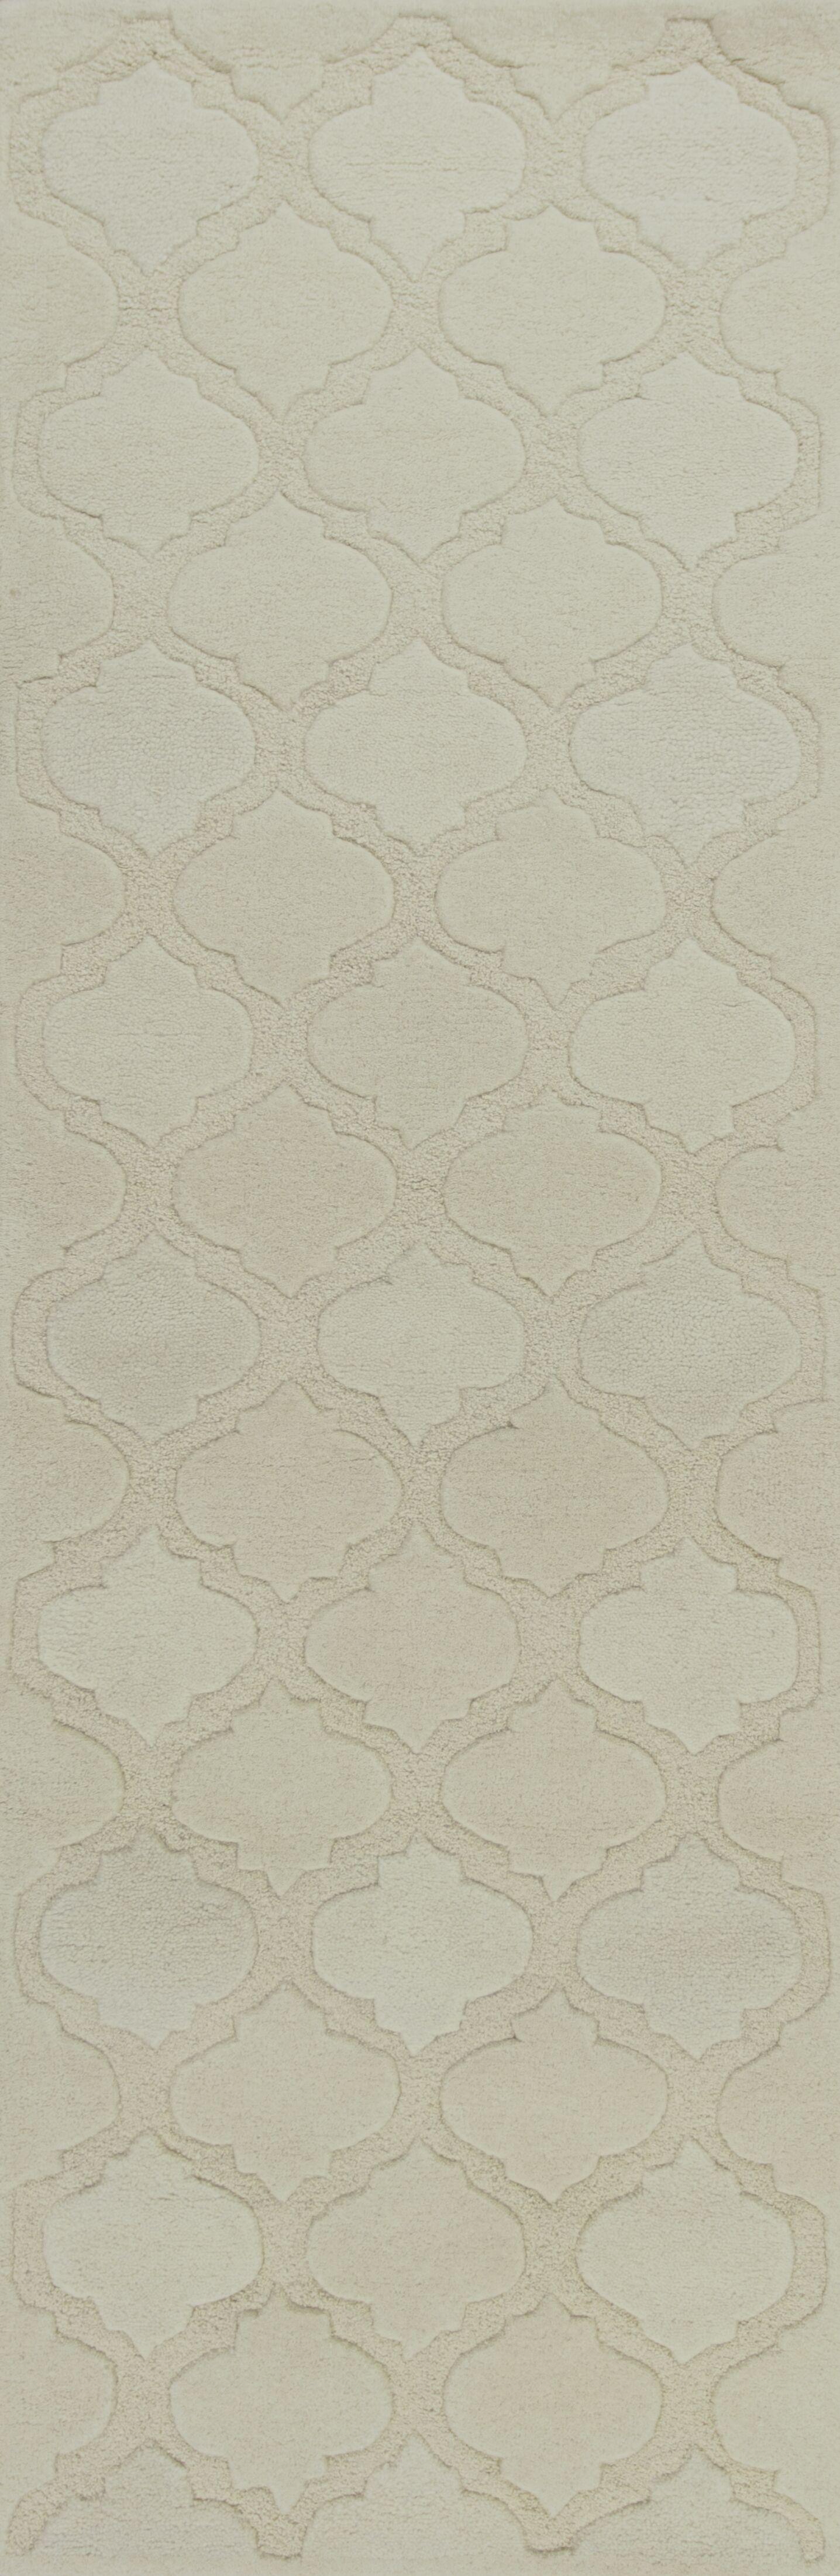 Boleynwood Ivory Arabesque Area Rug Rug Size: 8' x 10'6